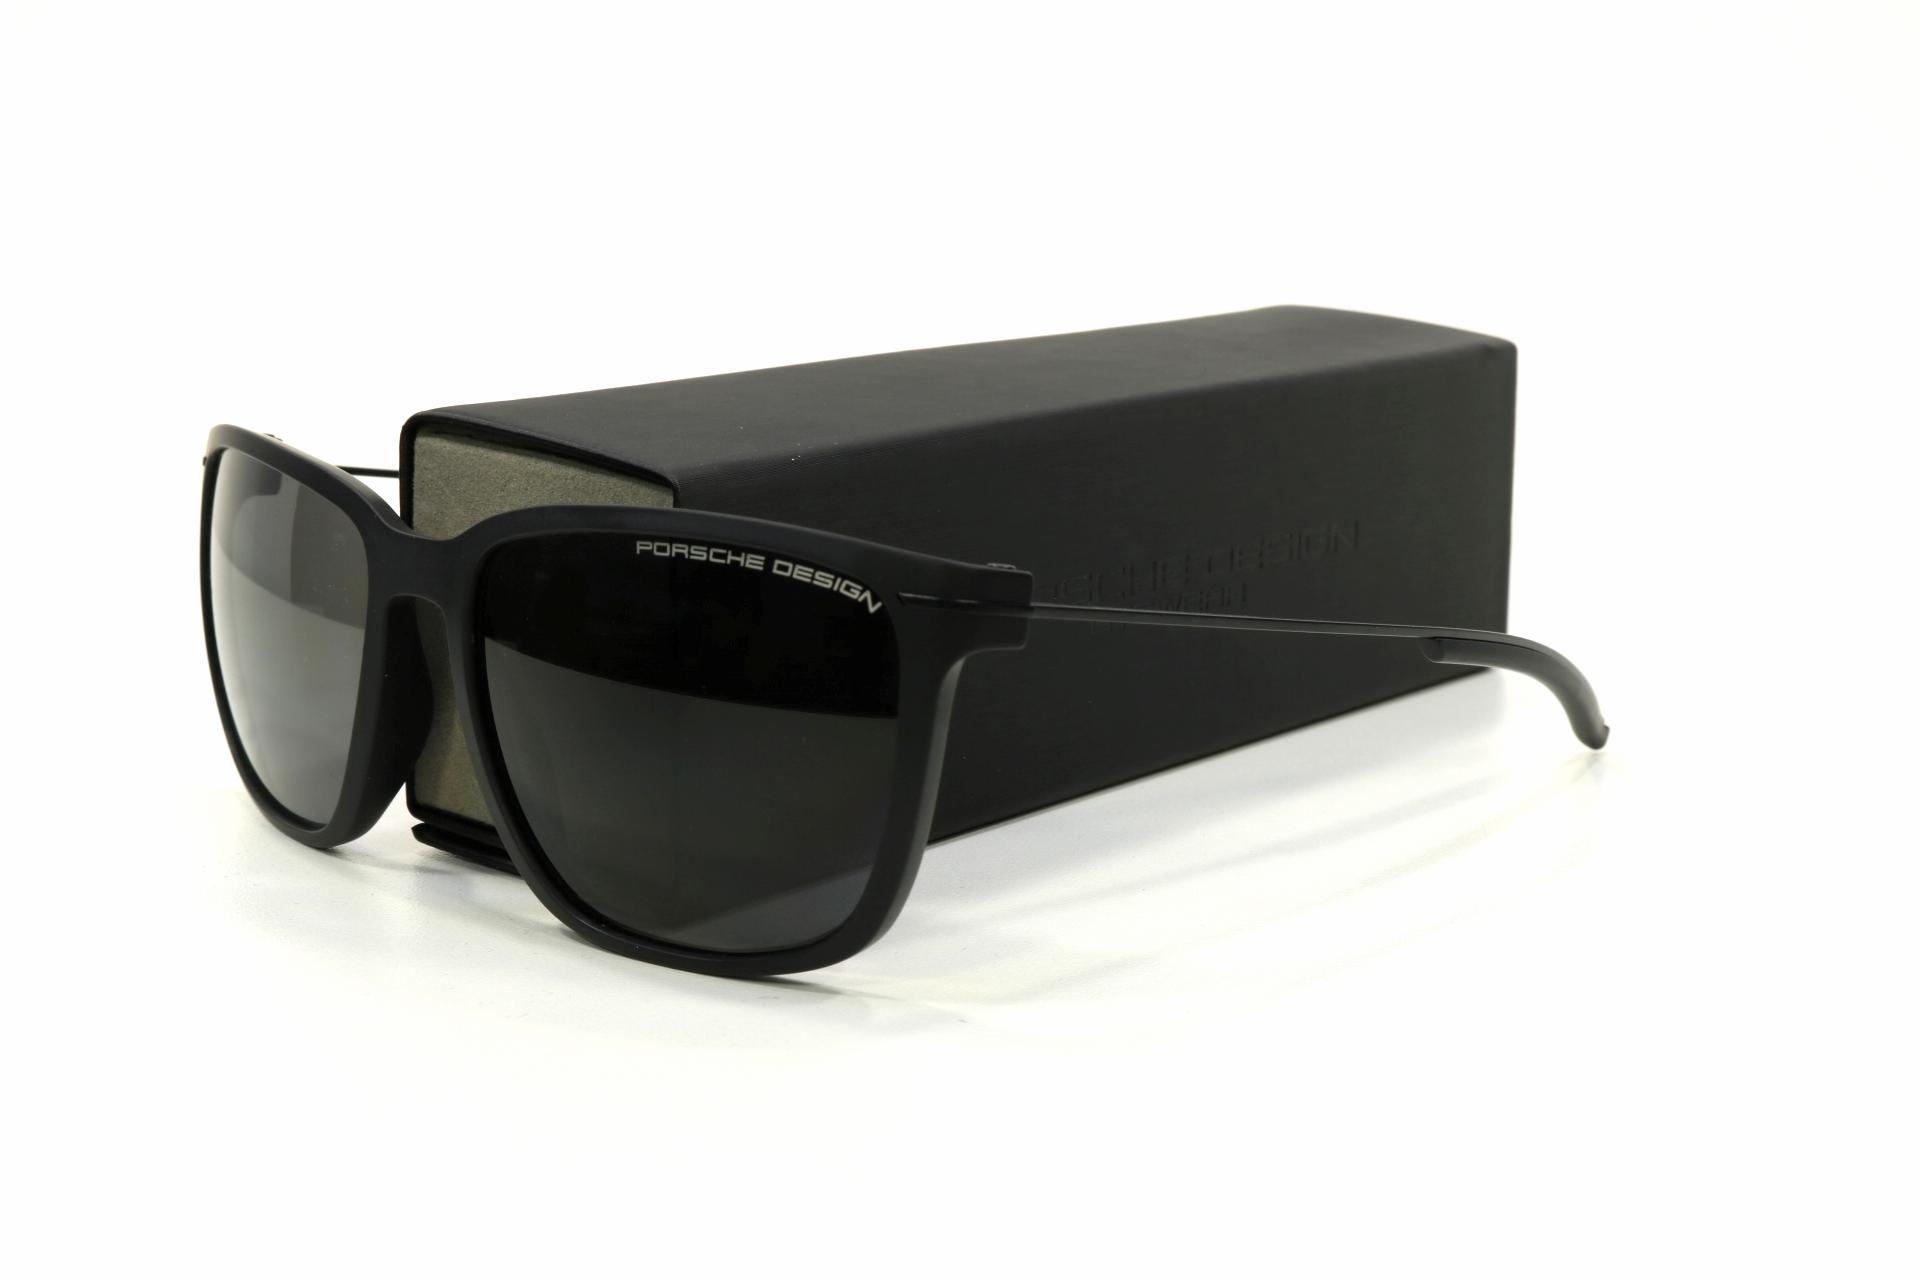 8a3537cf0794 Солнцезащитные очки Porsche Design P8637 A 57 - купить по низкой цене в  интернет-магазине Линзмастер.